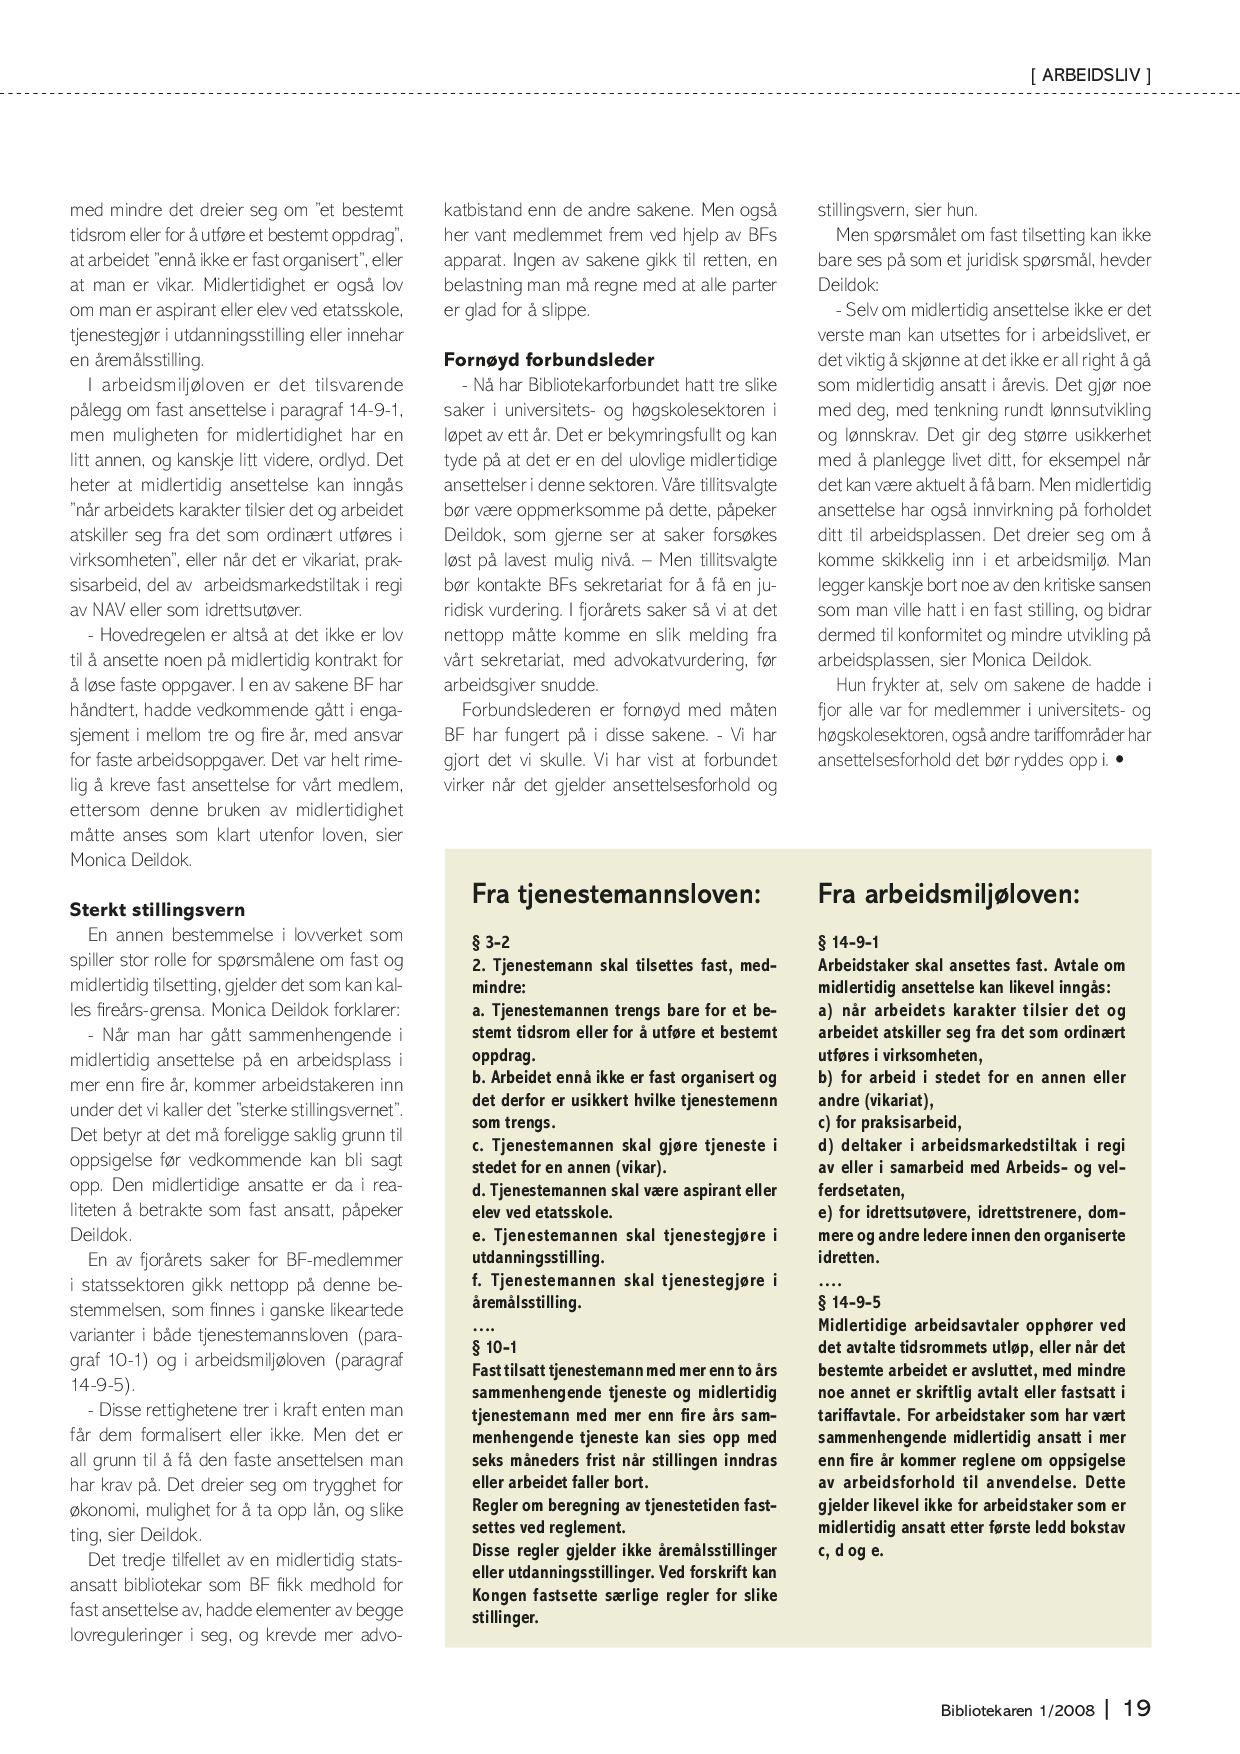 arbeidsmiljøloven 14-9